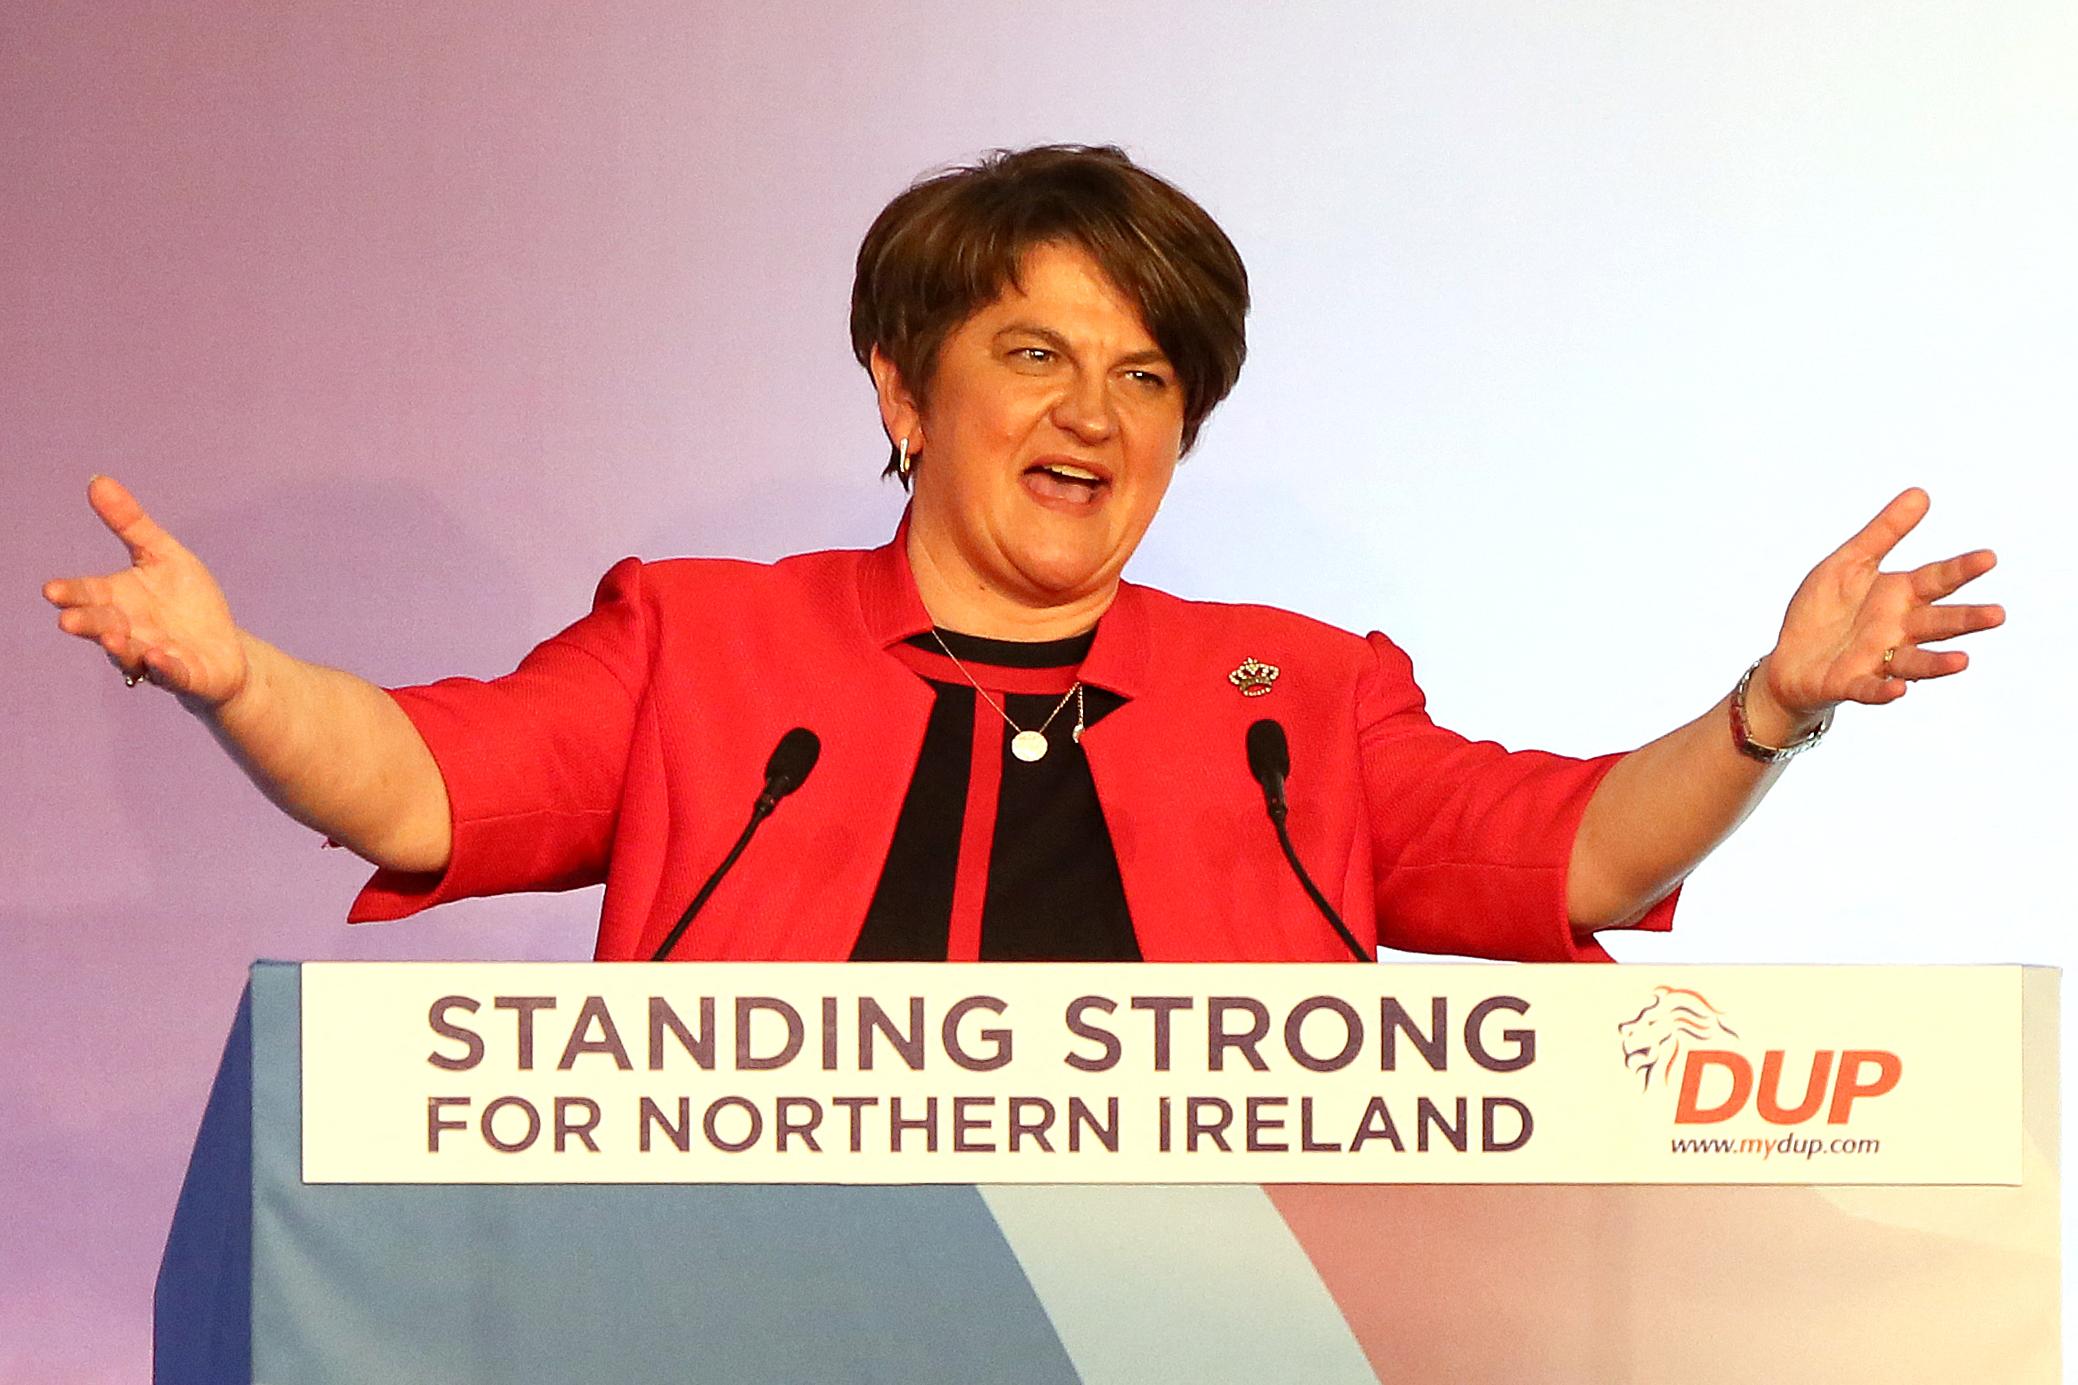 Lemond az észak-ír miniszterelnök